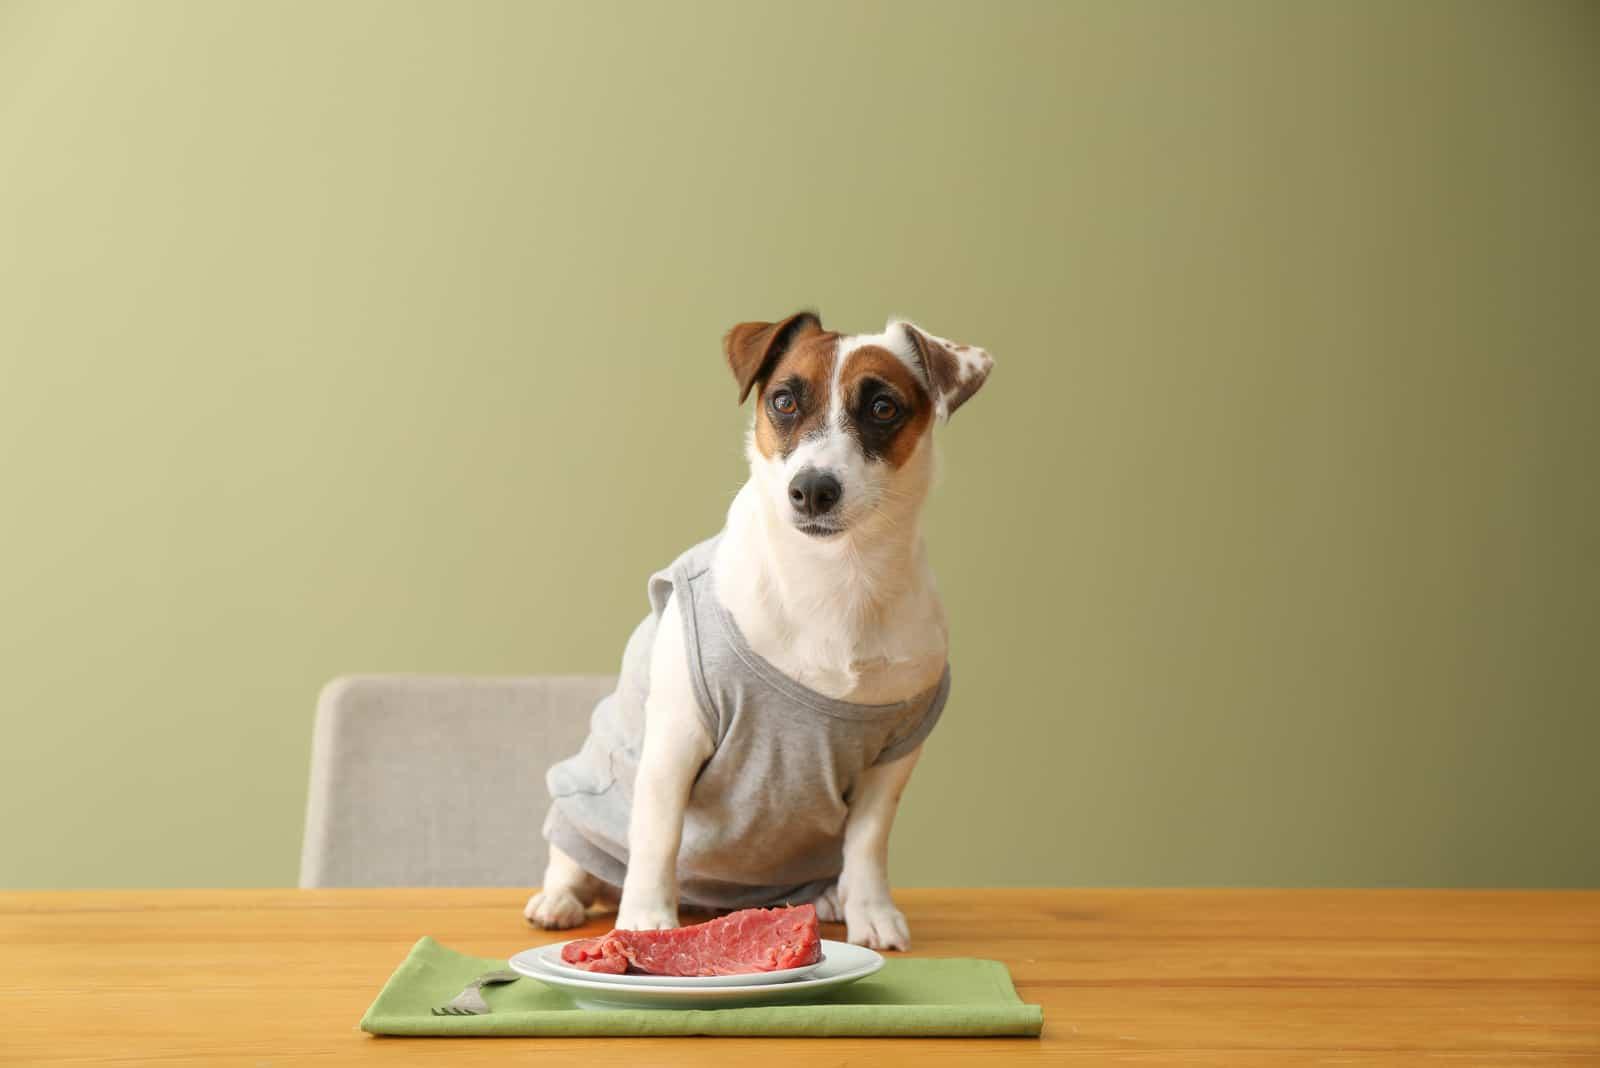 Netter lustiger Hund und Teller mit rohem Fleisch auf Tisch